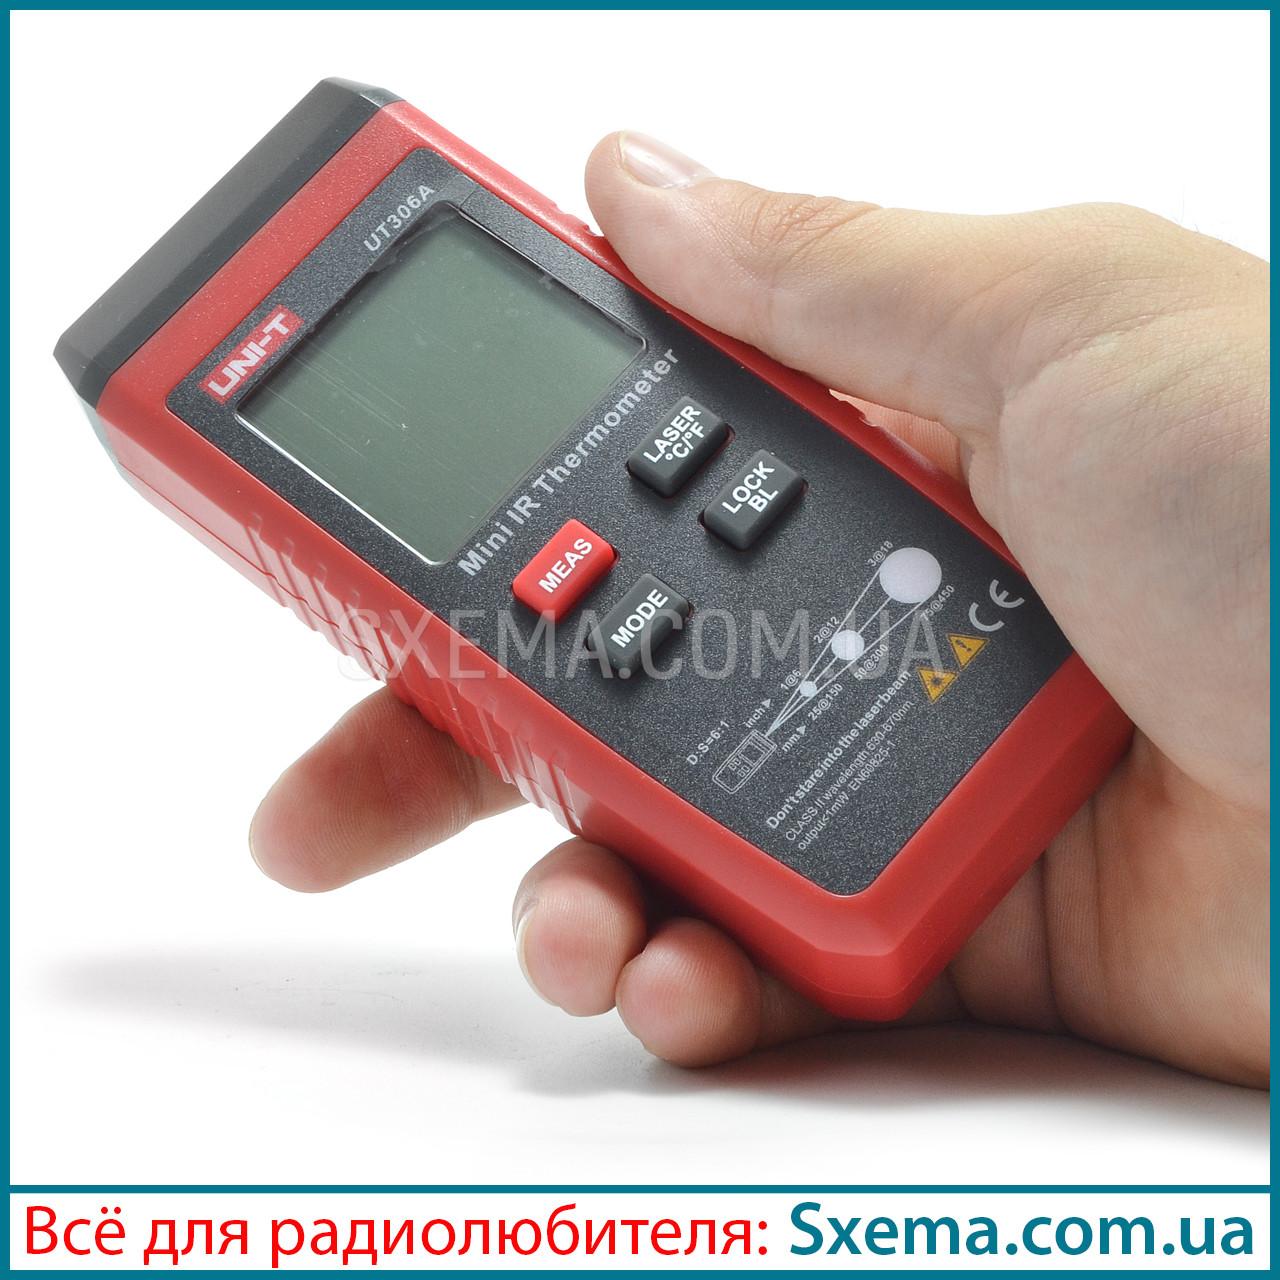 Пирометр инфракрасный UNI-T UT-306A бесконтактный термометр, от-35 до +300°C